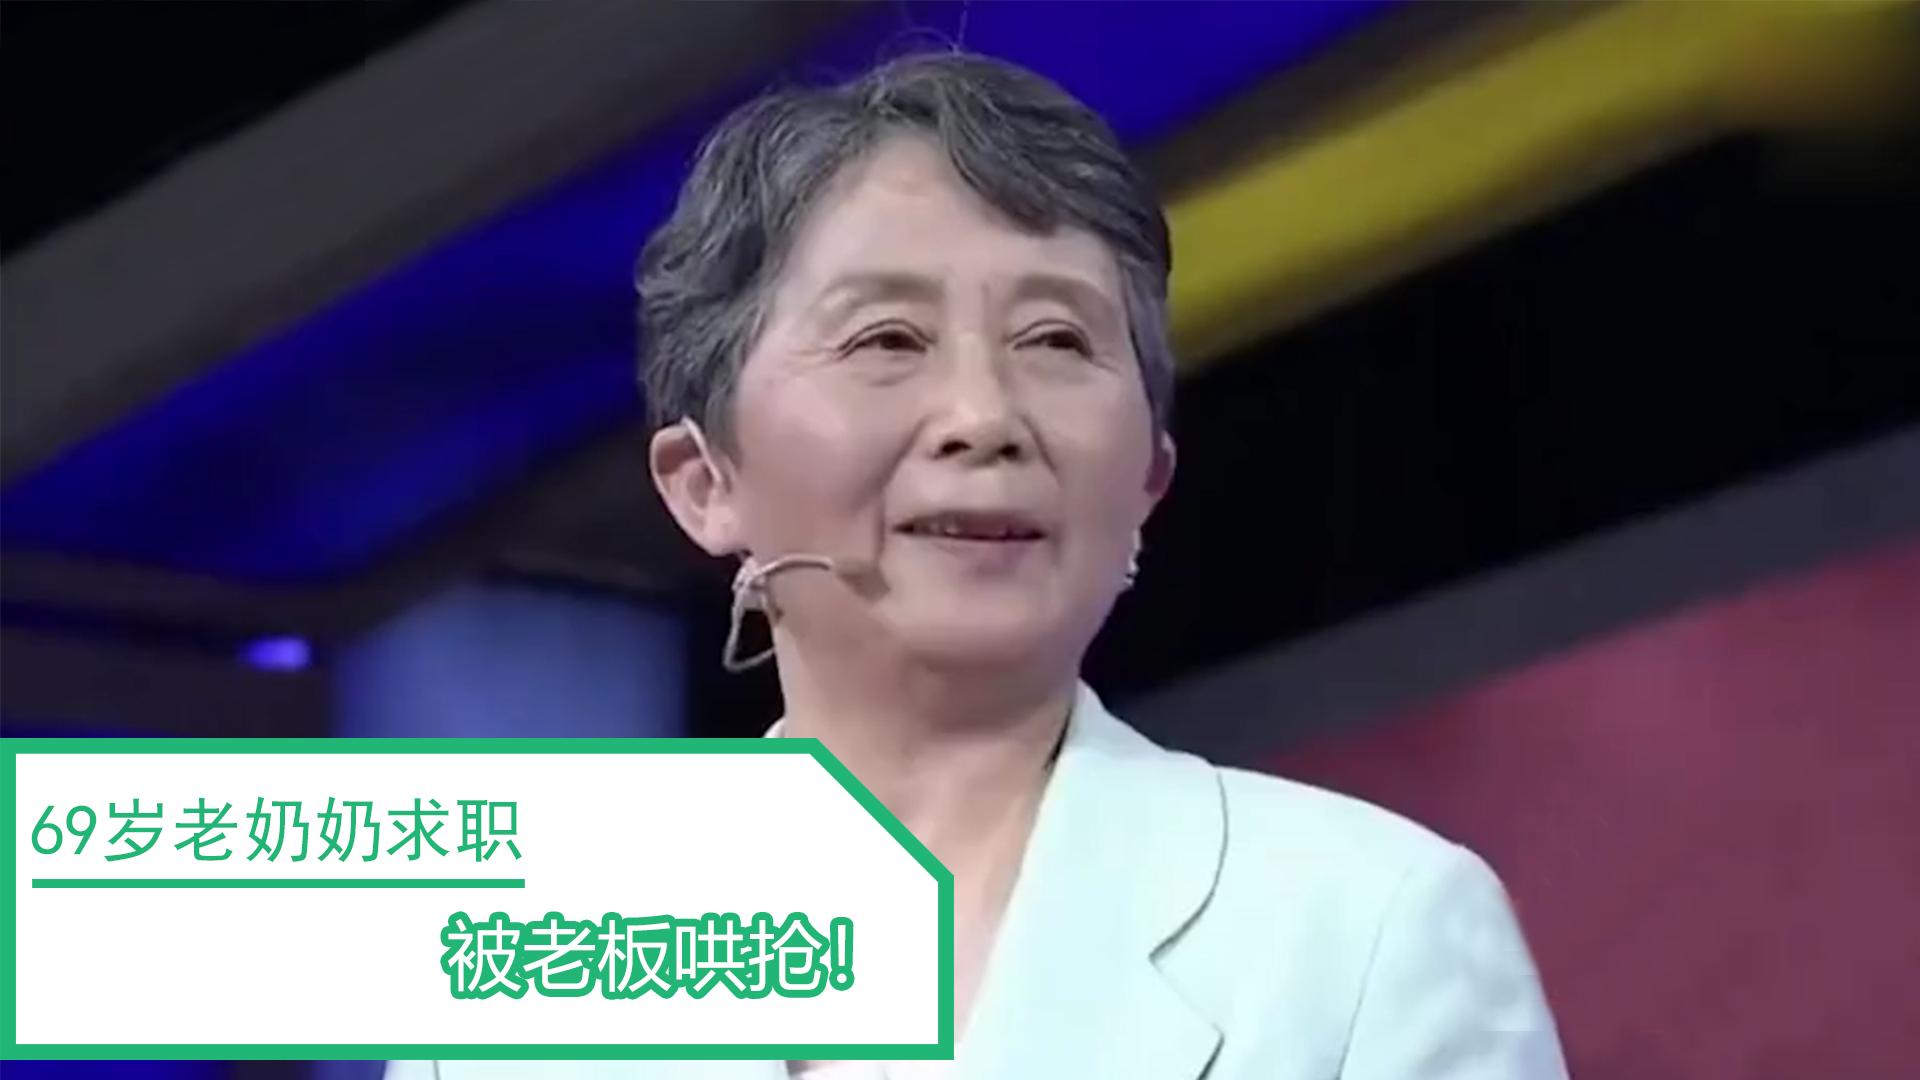 69岁老奶奶求职,要求每个月一万块钱的工资,不料被老板哄抢!